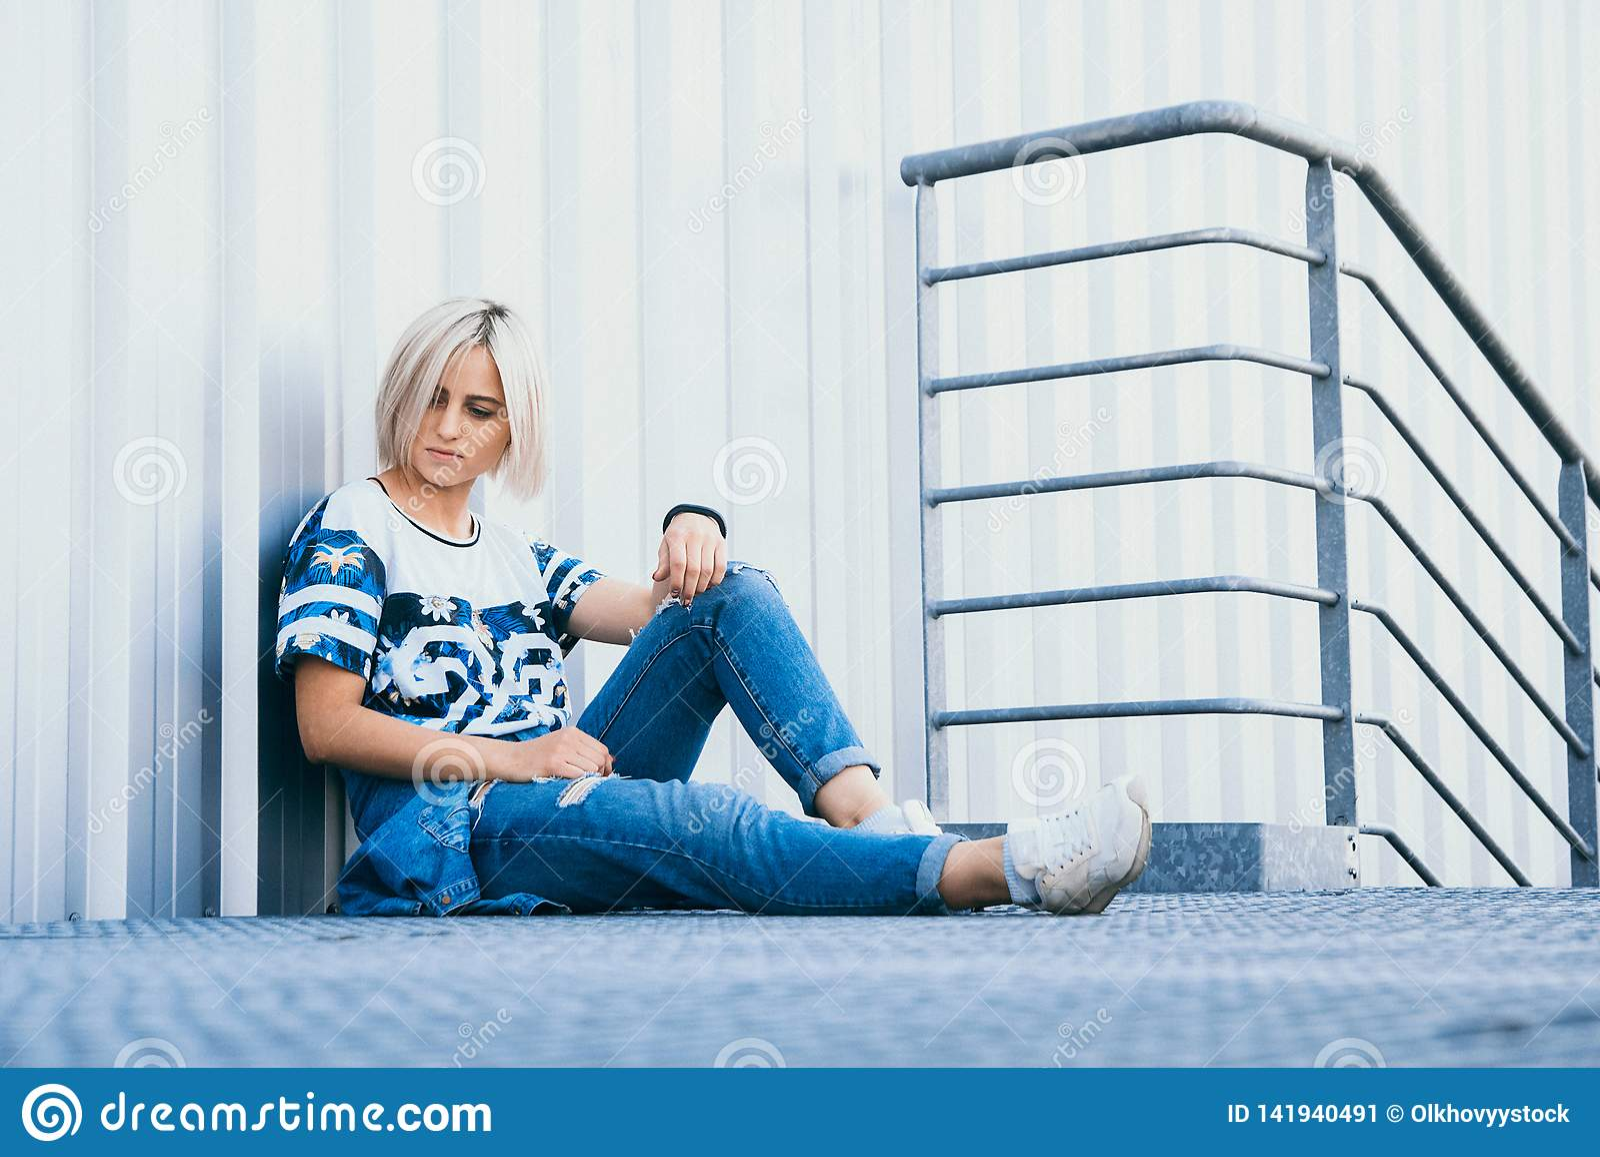 Menina bonita da imagem com cabelo branco curto Vestido nas calças de brim no estilo urbano Lugar para o texto